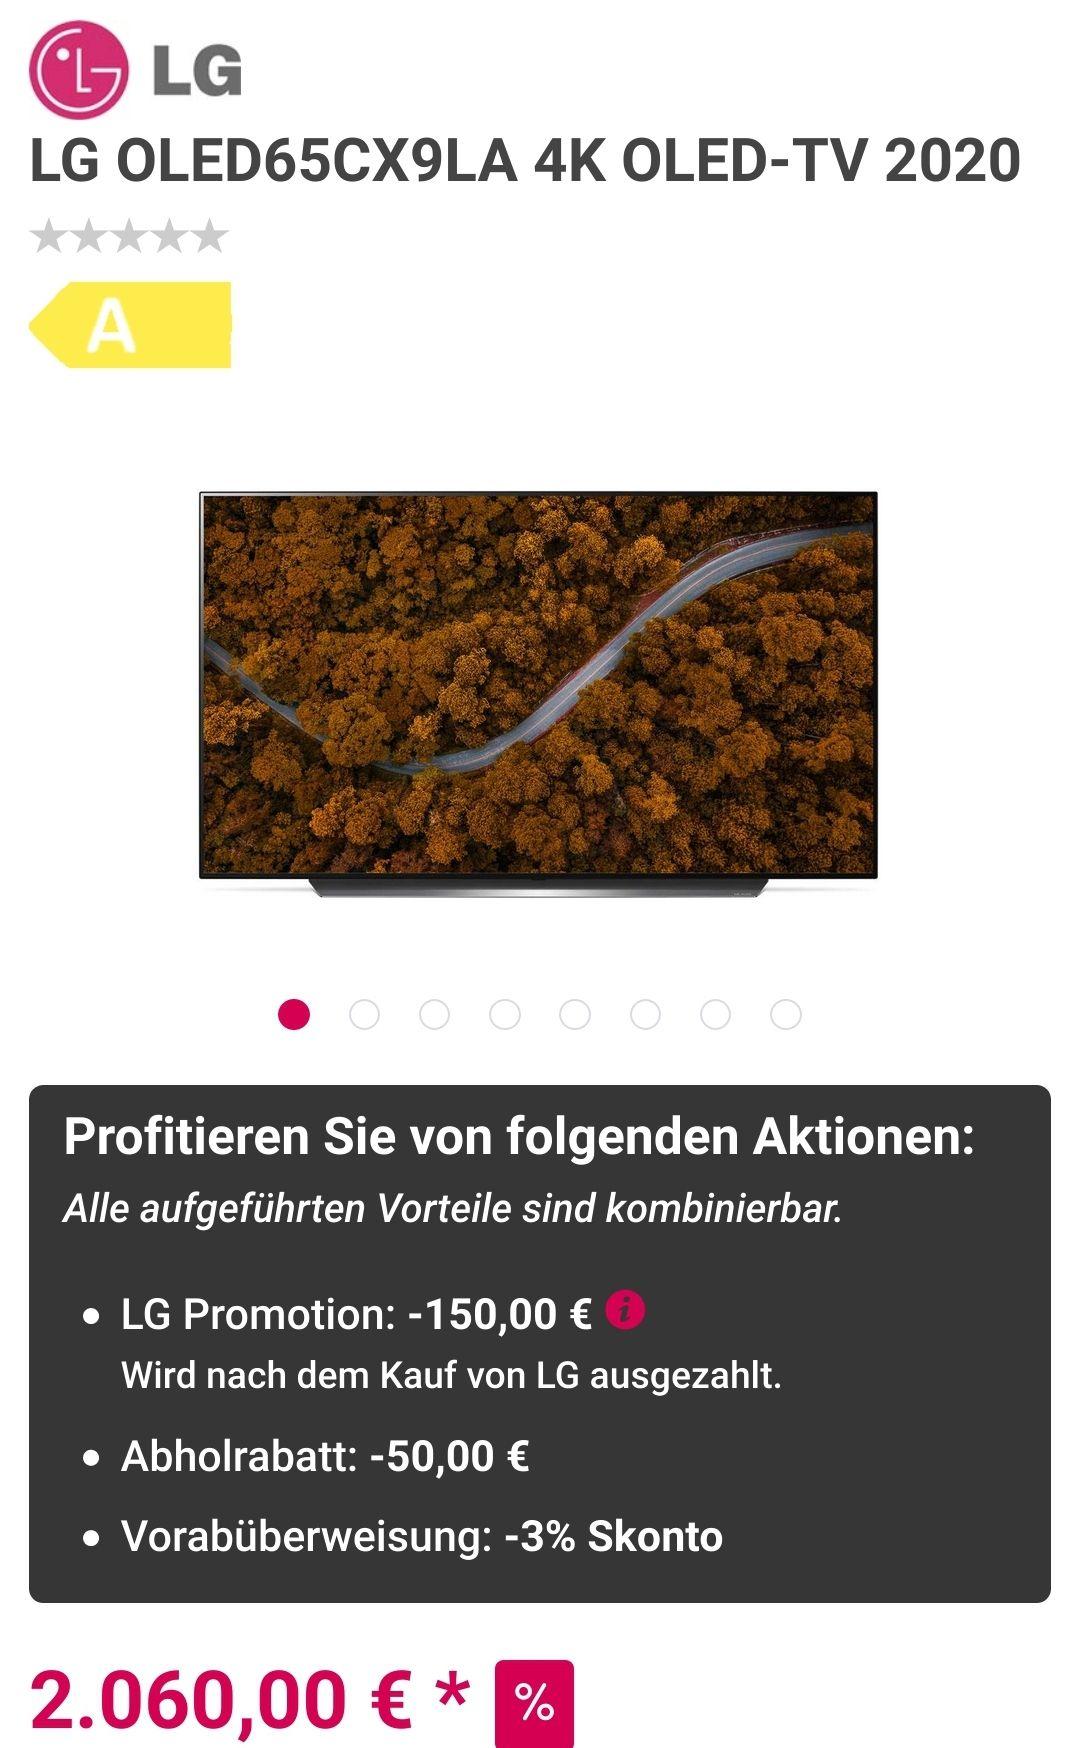 LG OLED65CX9LA 4K OLED-TV 2020 für effektiv 1.848,20 €